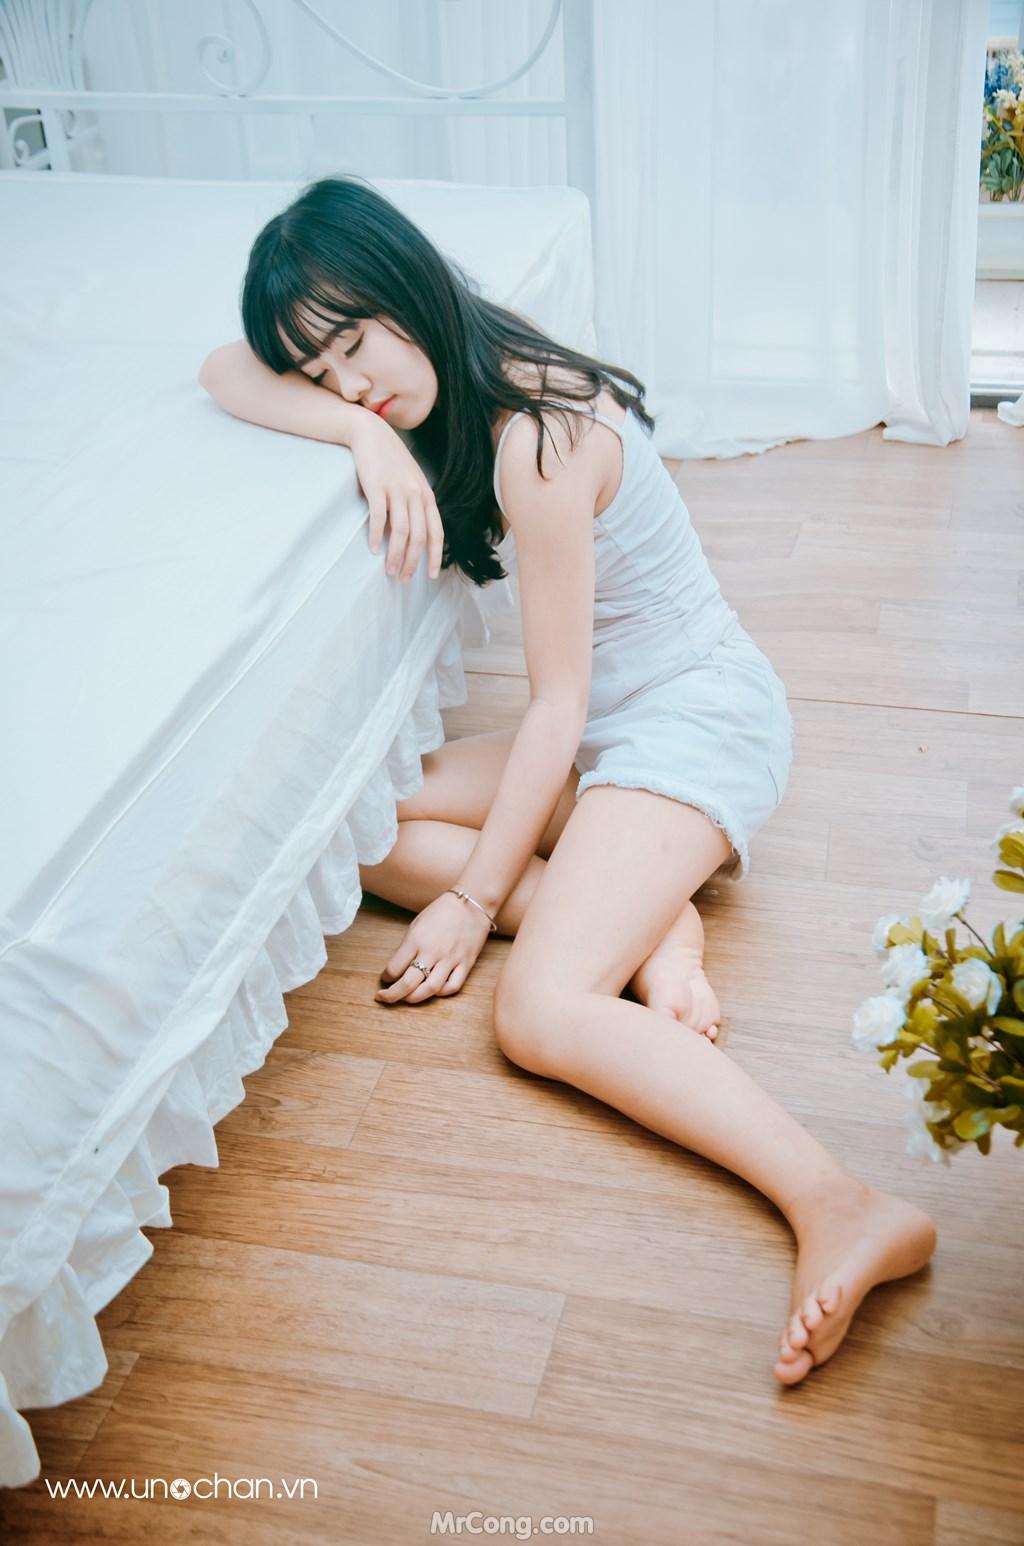 Image Vietnamese-Girls-by-Chan-Hong-Vuong-Uno-Chan-MrCong.com-080 in post Gái Việt duyên dáng, quyến rũ qua góc chụp của Chan Hong Vuong (250 ảnh)